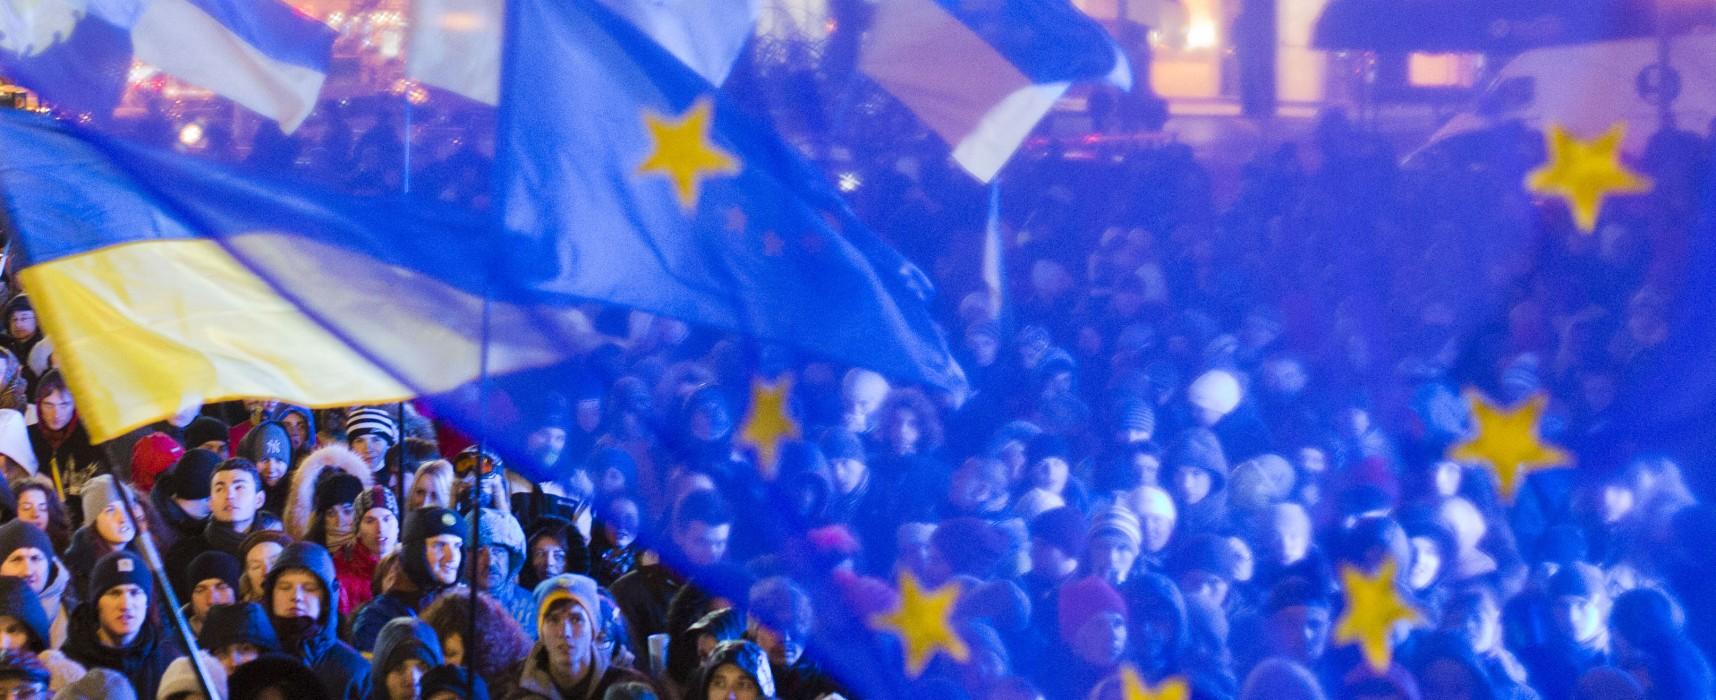 Alcune considerazioni sul conflitto in Ucraina a due anni dal Maidan